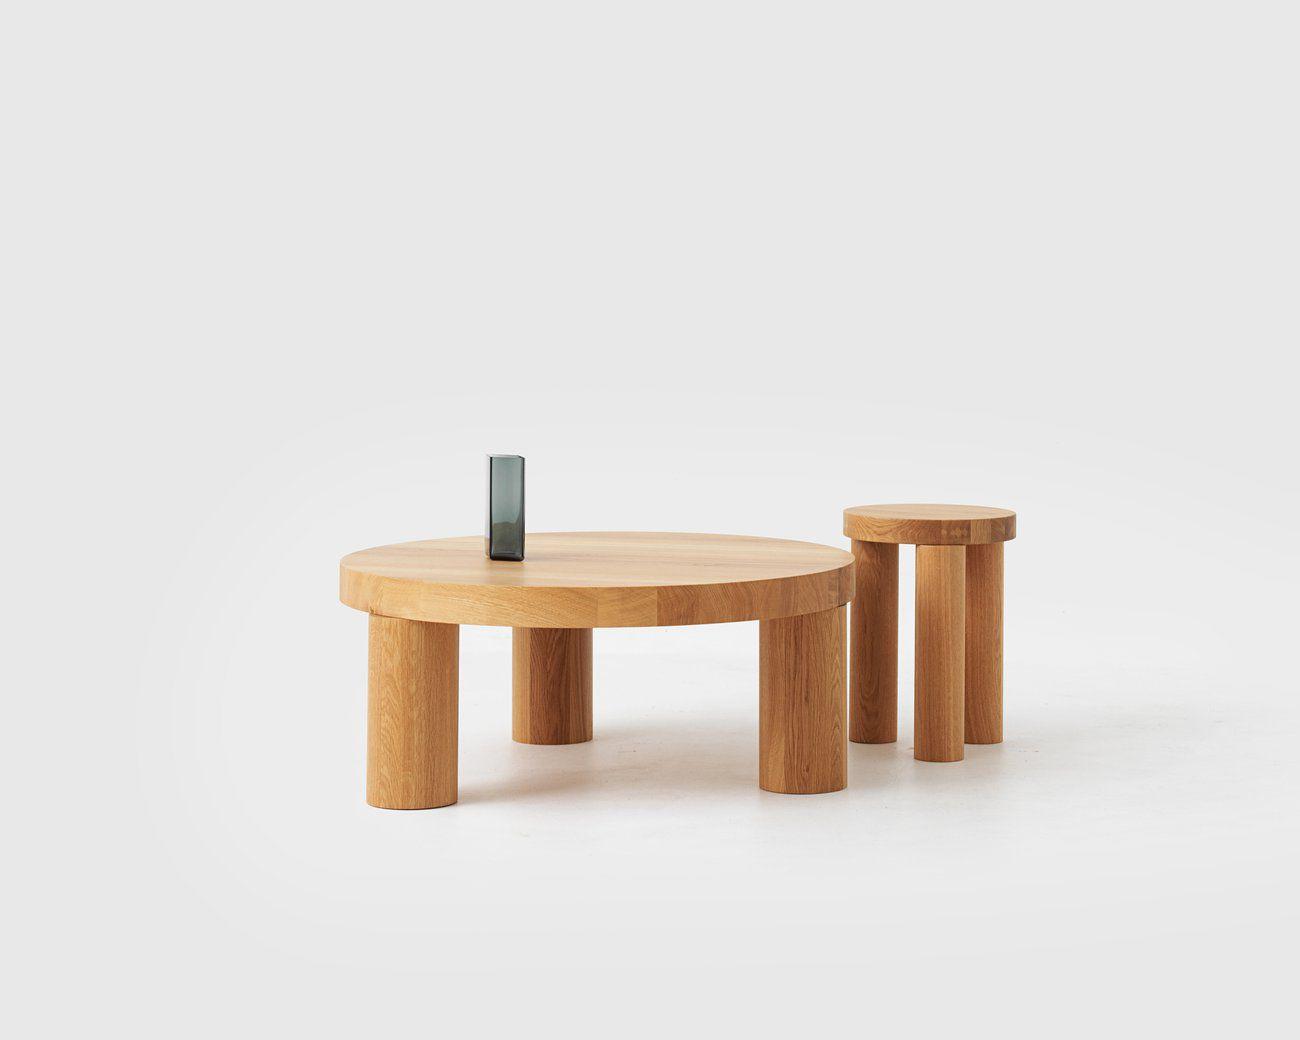 Tavolo d appoggio moderno in quercia tondo offset by